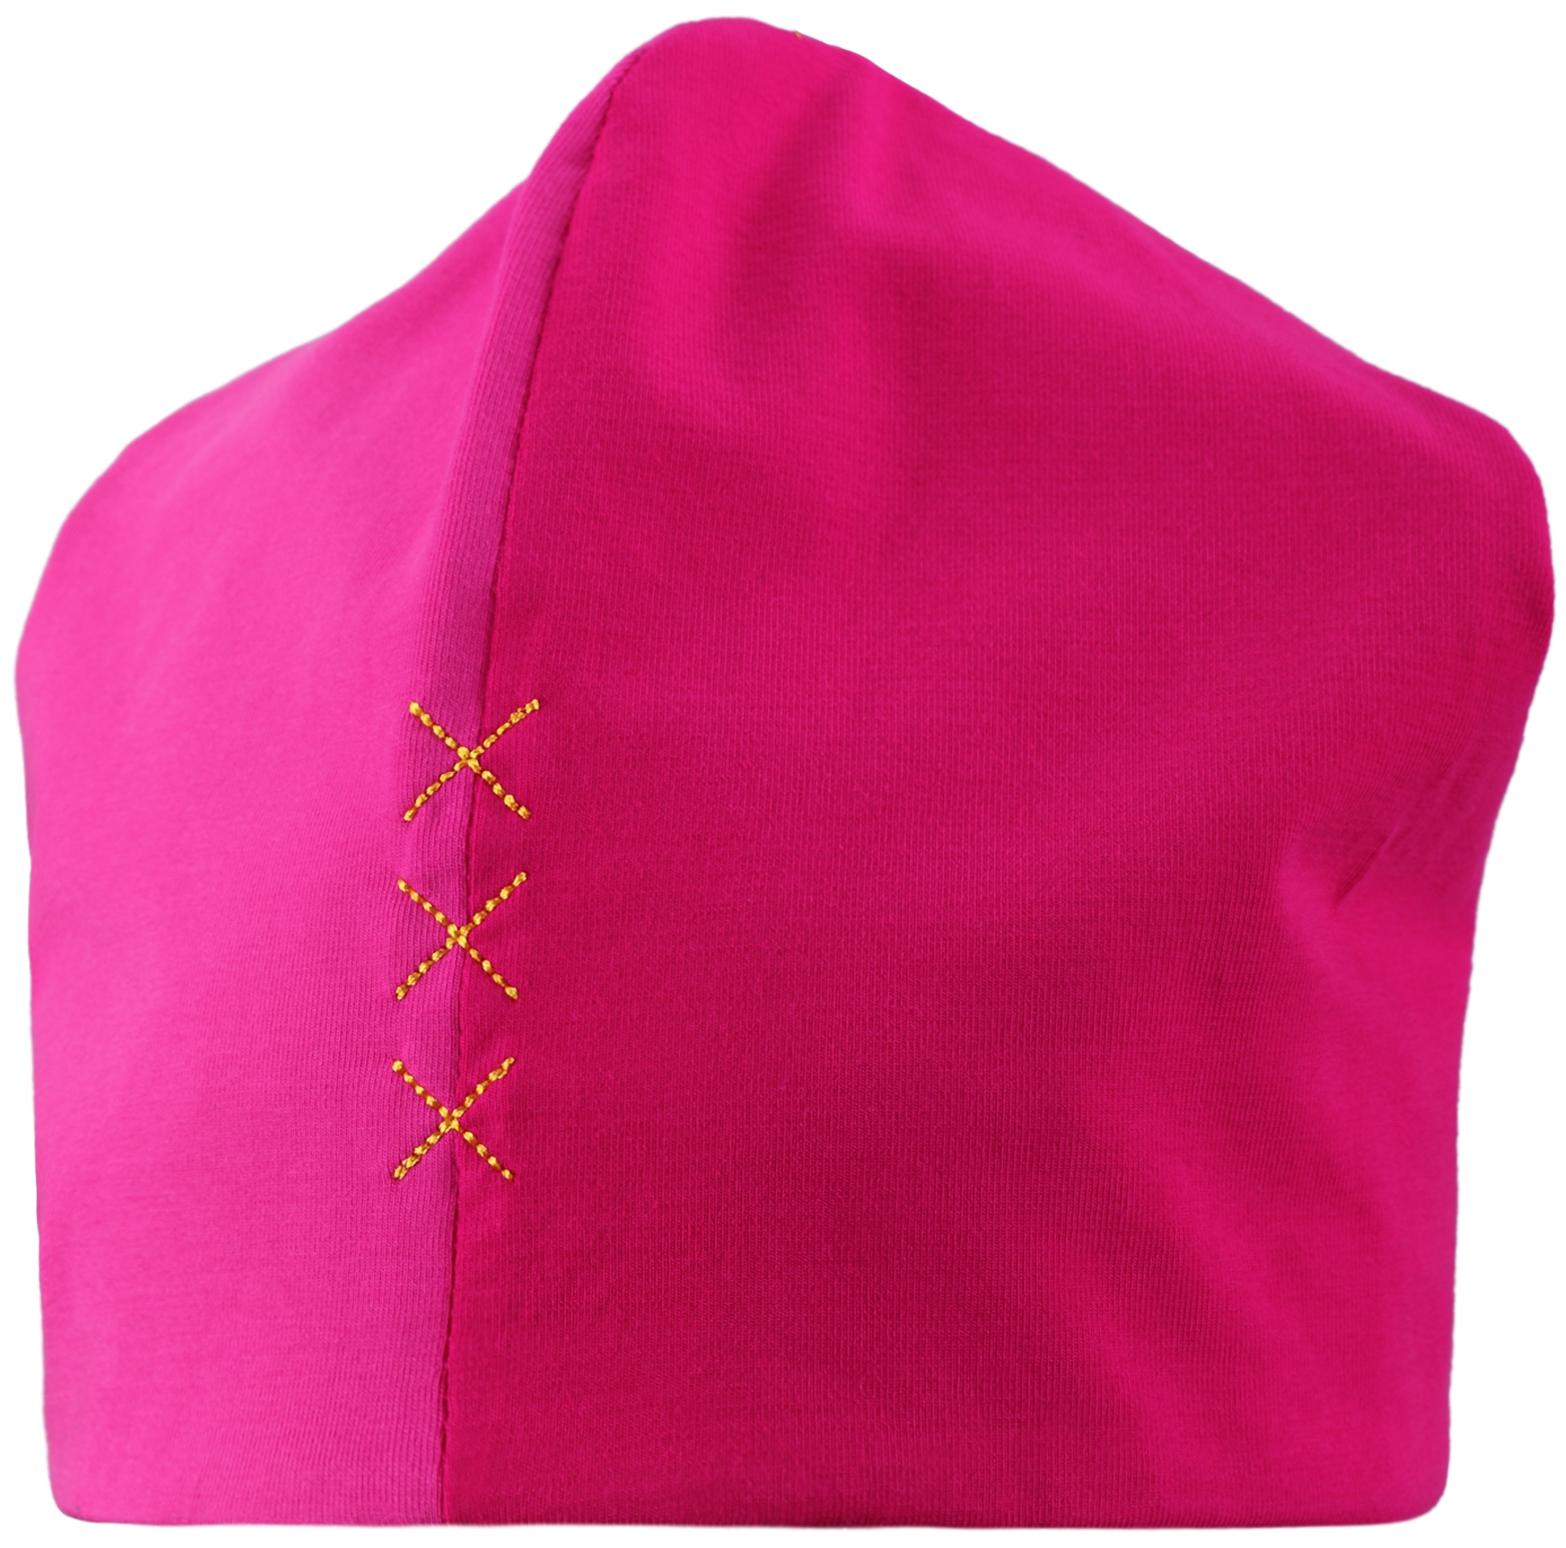 Головные уборы Reima Tyrolite розовый головные уборы reima aqueous розовый